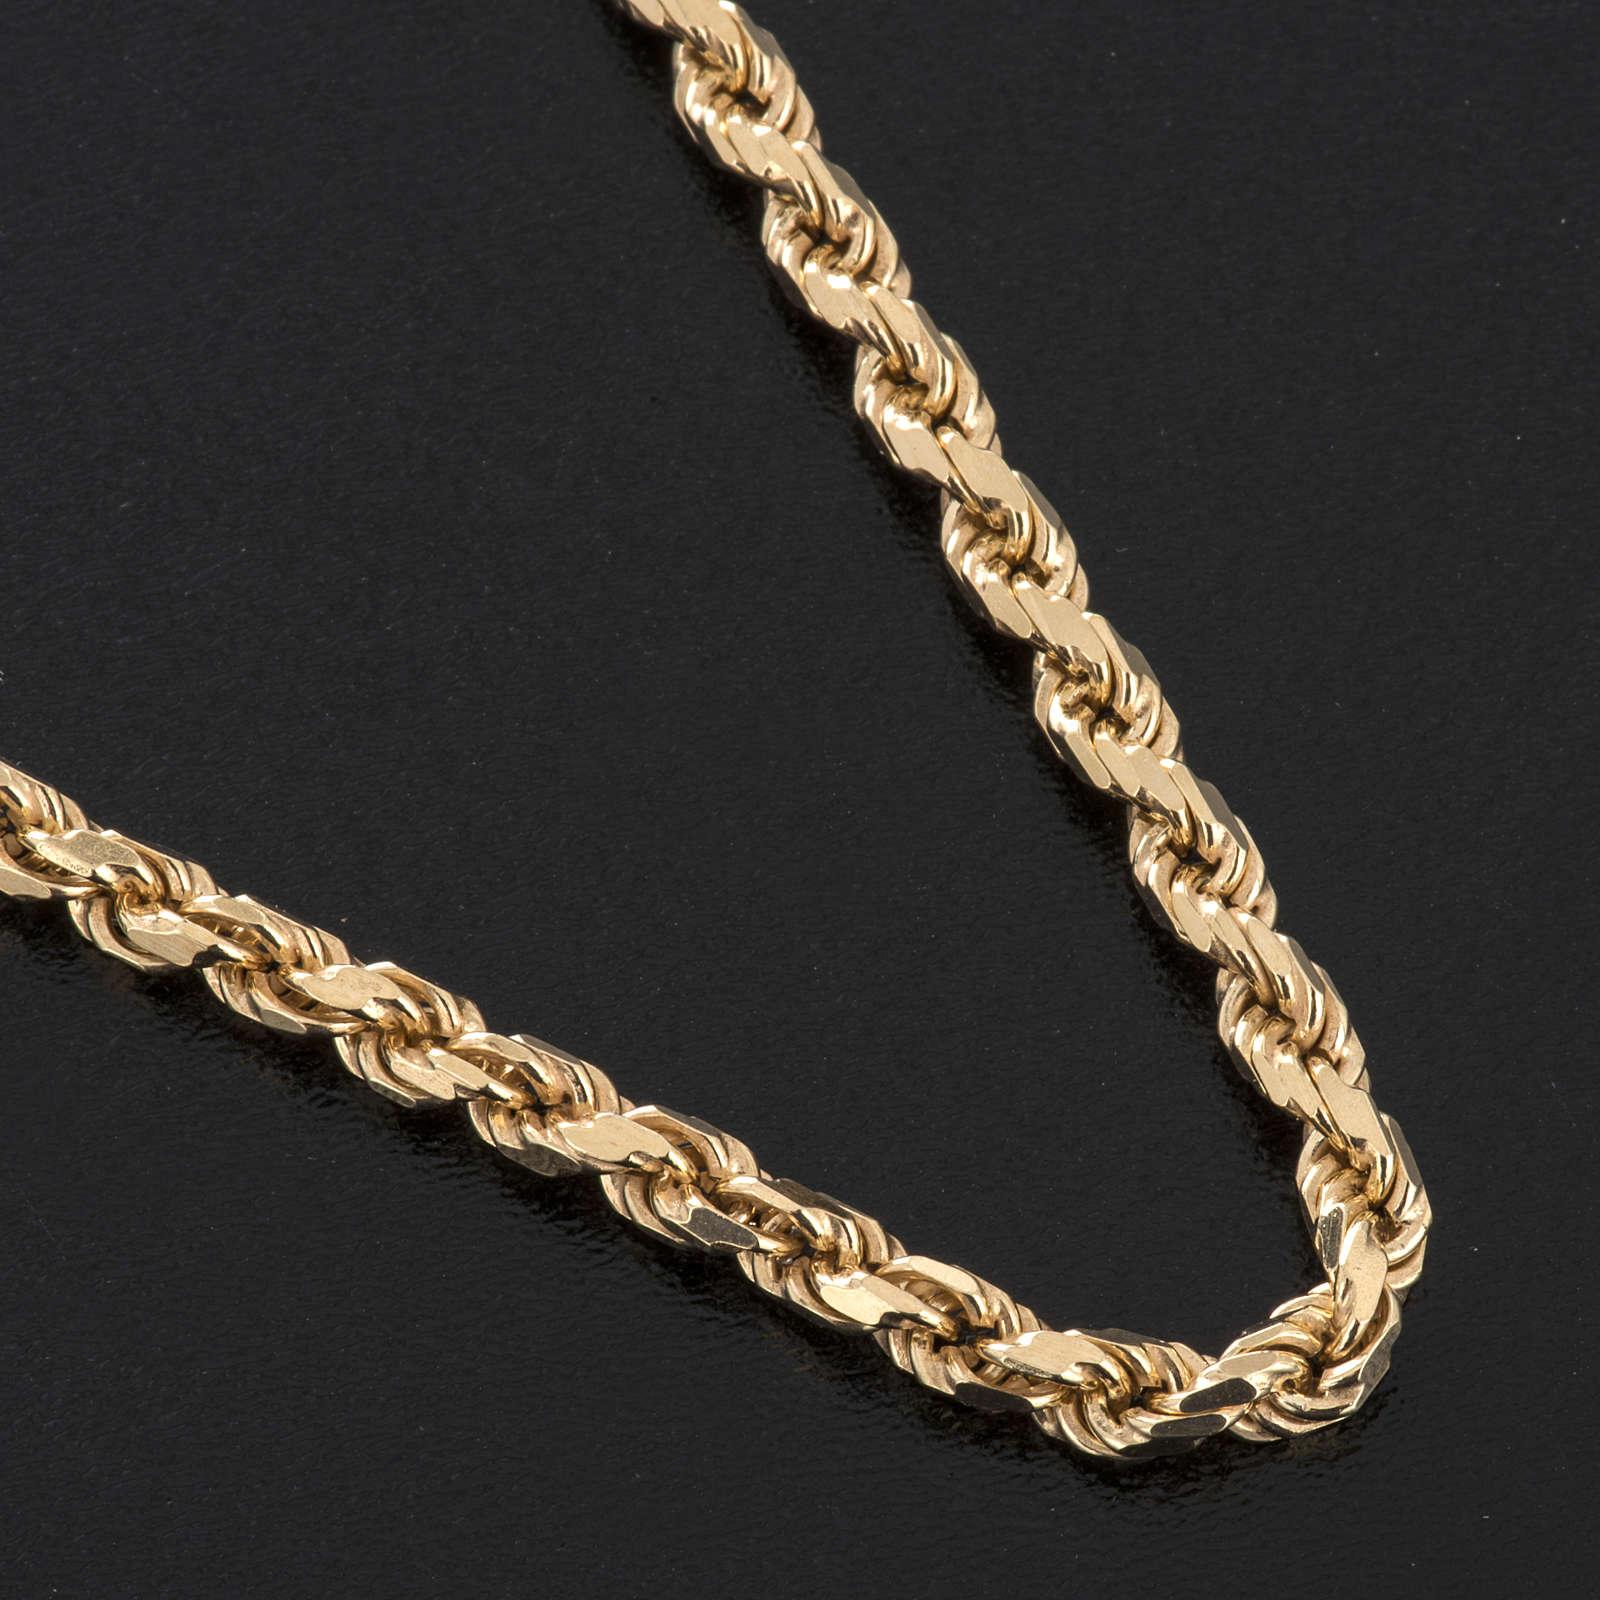 Corrente para cruz peitoral prata 925 dourada 3